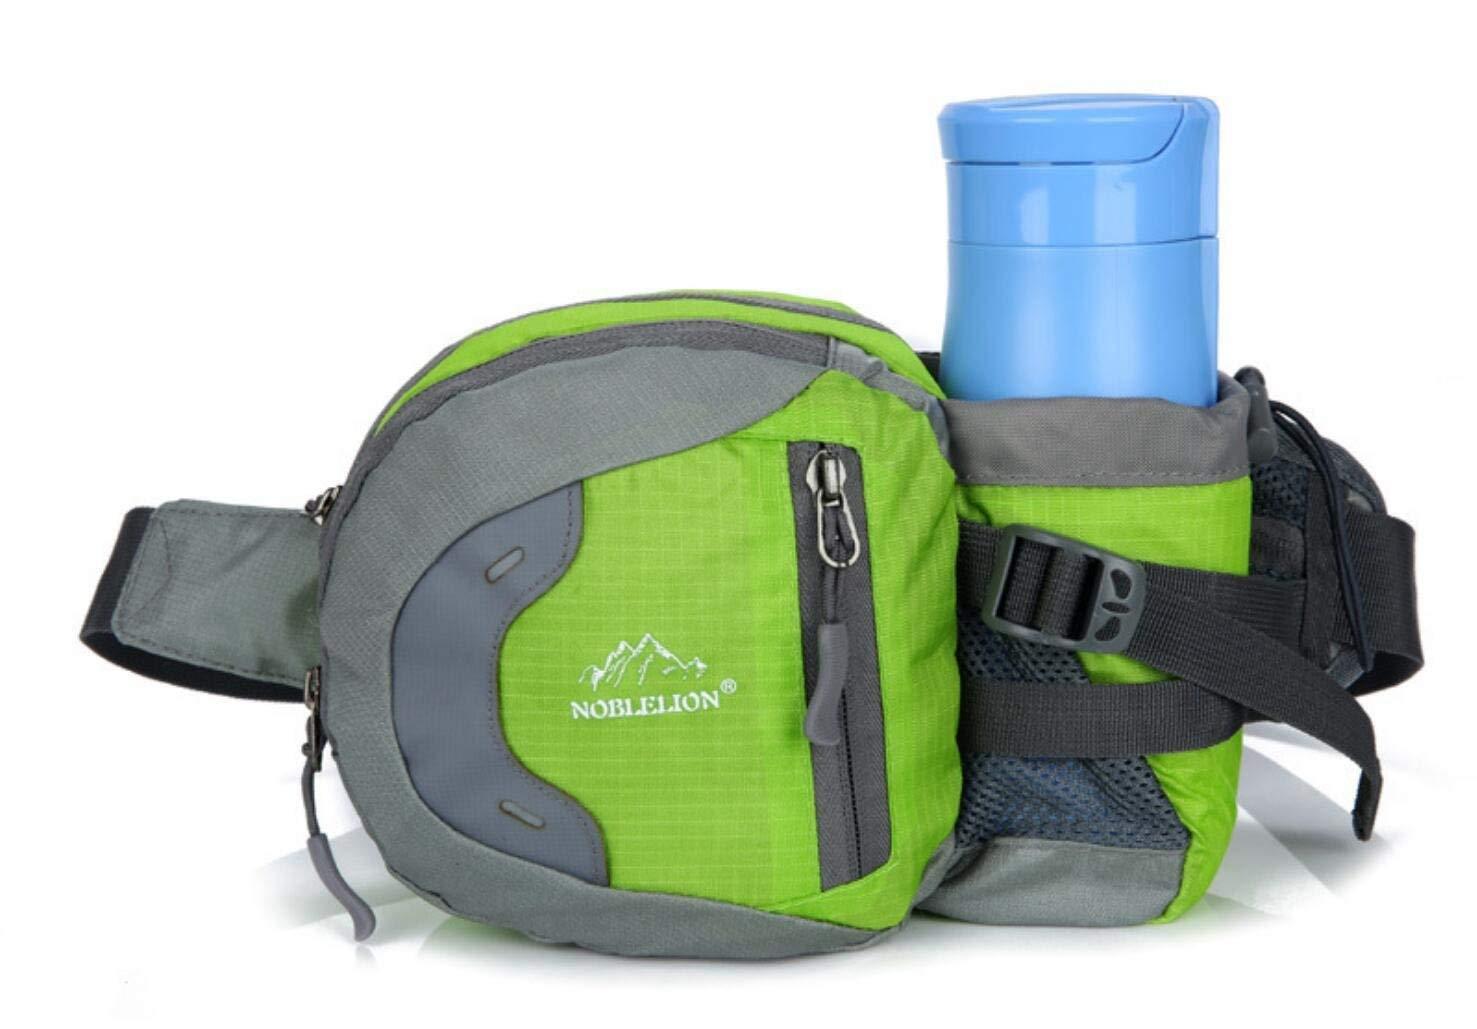 Lounayy Multifunktionale Laufkettentaschen Outdoor Sport Cross Paket Mode Wandern Stylisch Stylisch Stylisch Nachhaltig Rucksack Daypack Fashion Backpack Tagesrucksack (Farbe   Grün, Größe   One Größe) B07PLW8J9Q Daypacks Hochwertige Materialien c12b7b